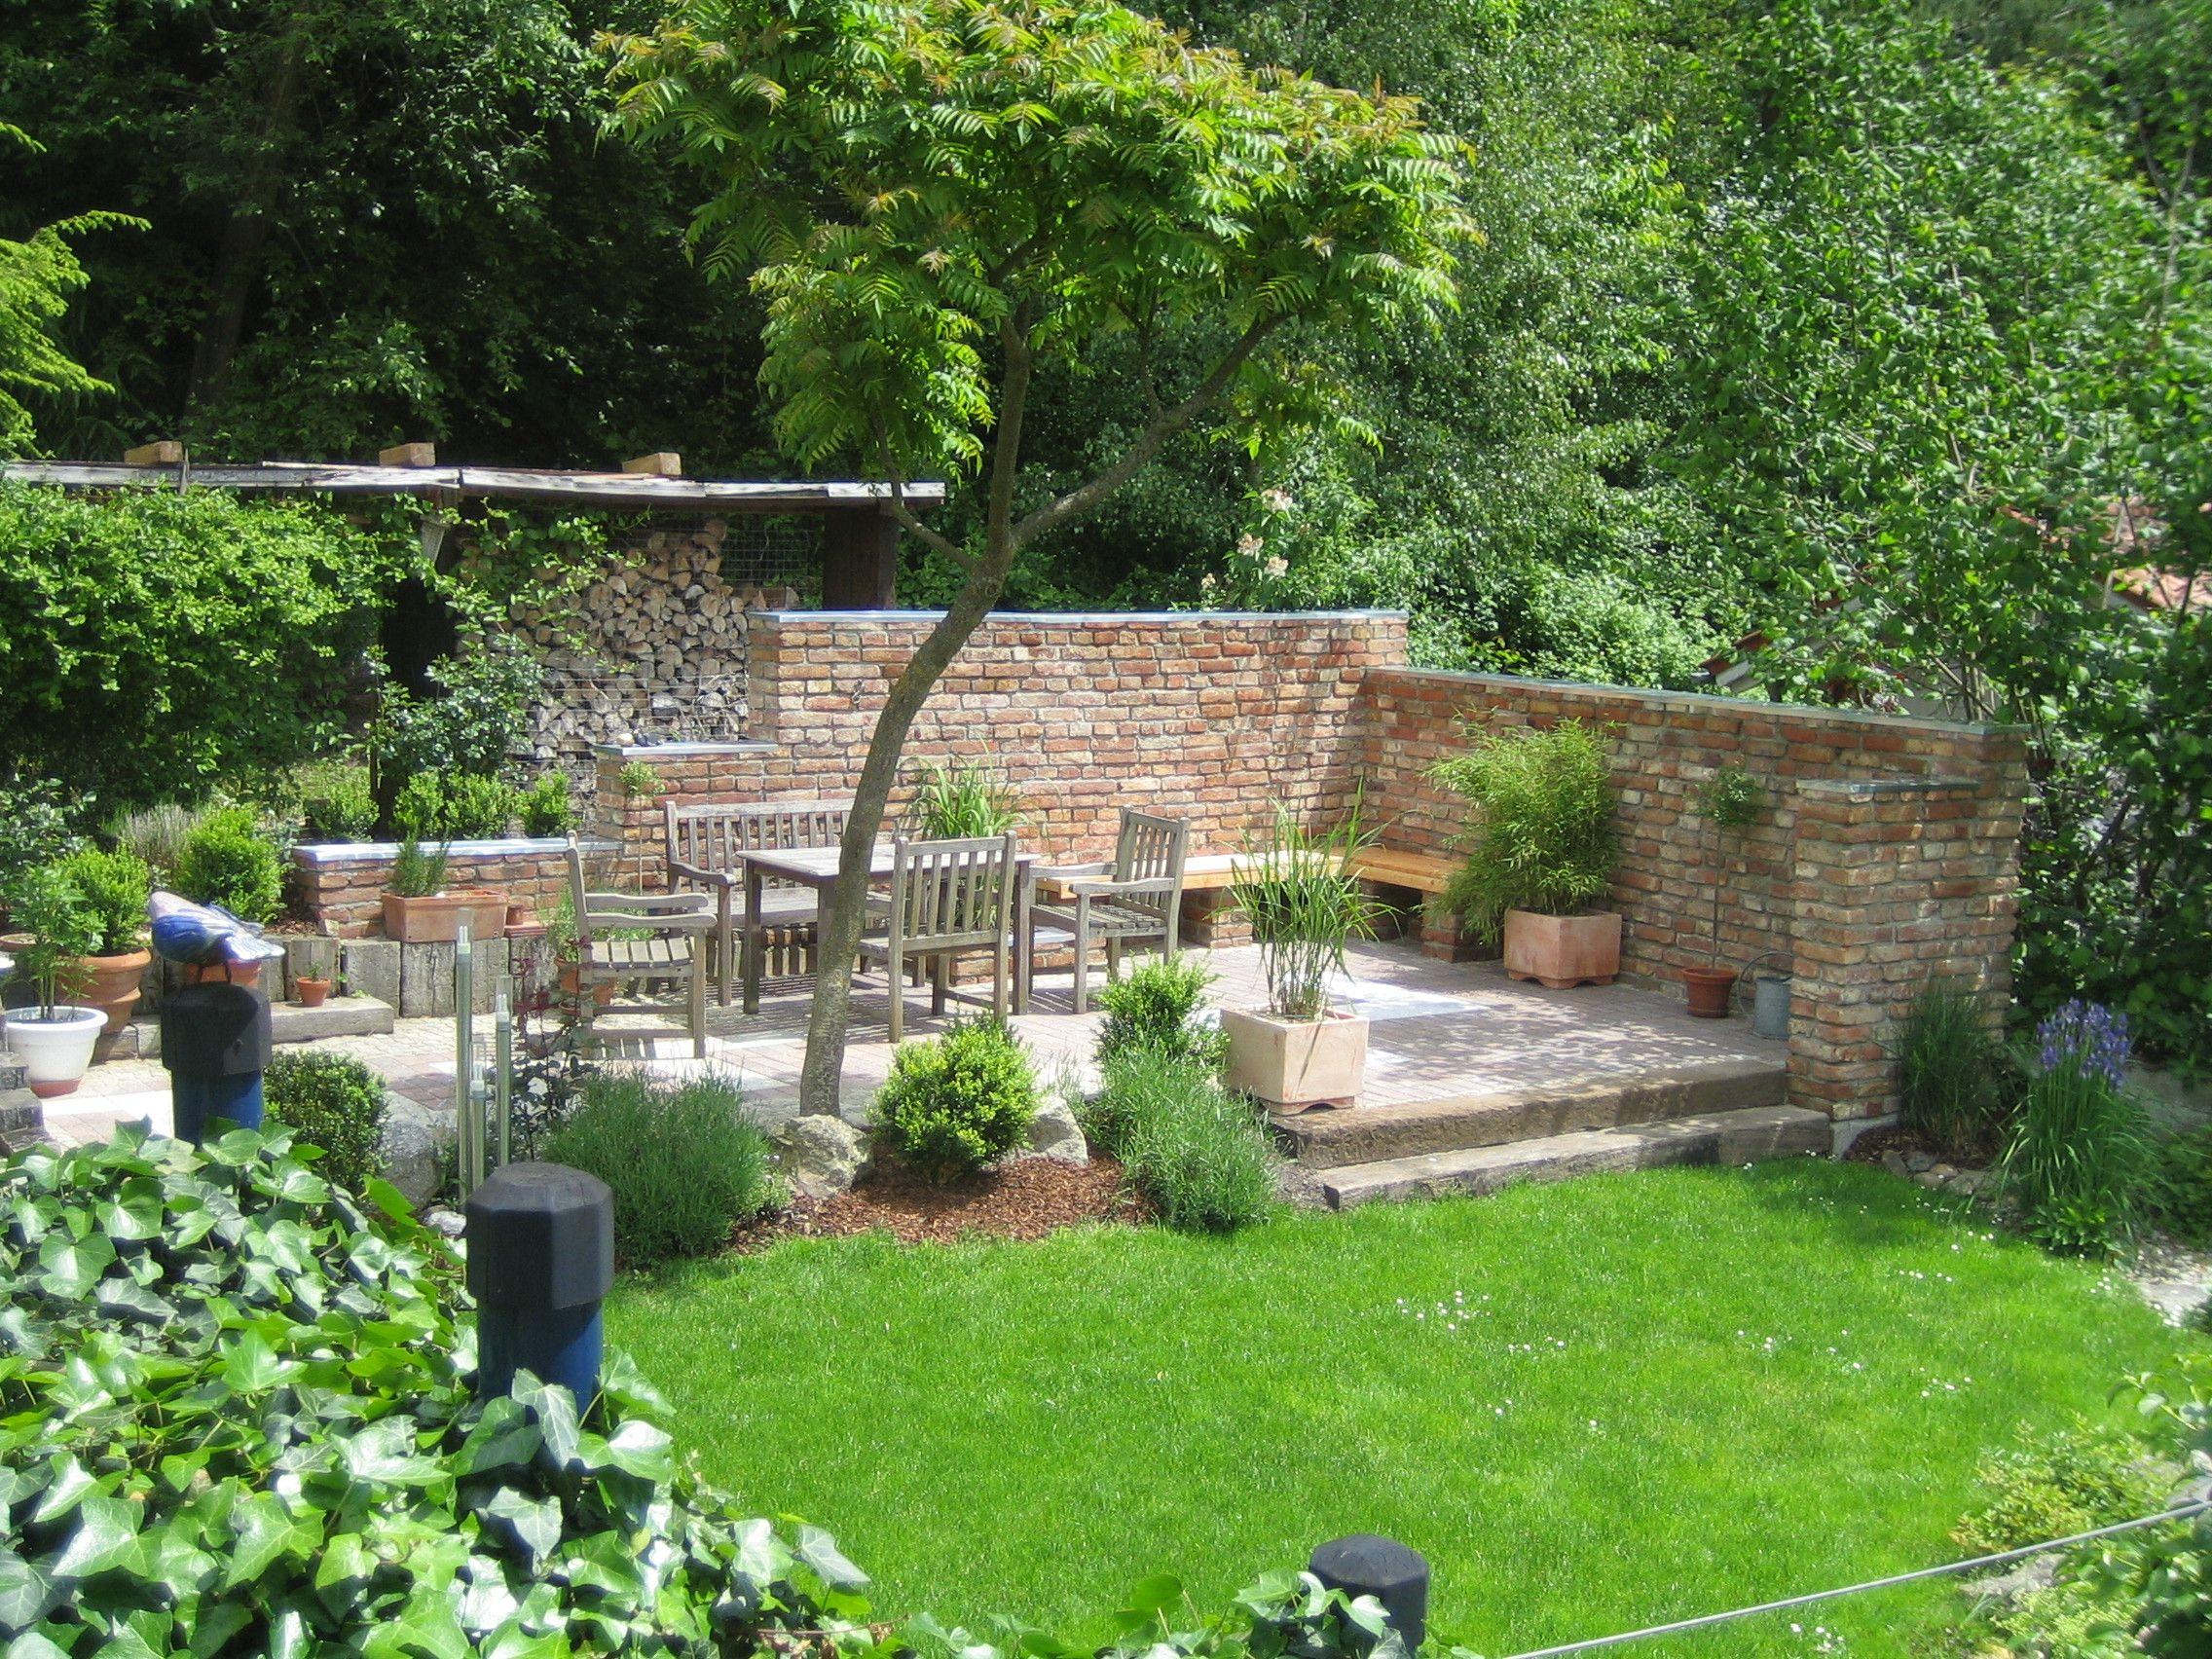 Terrassensitzplatz mit Ziegelmauer | Kipos | Townhouse ...